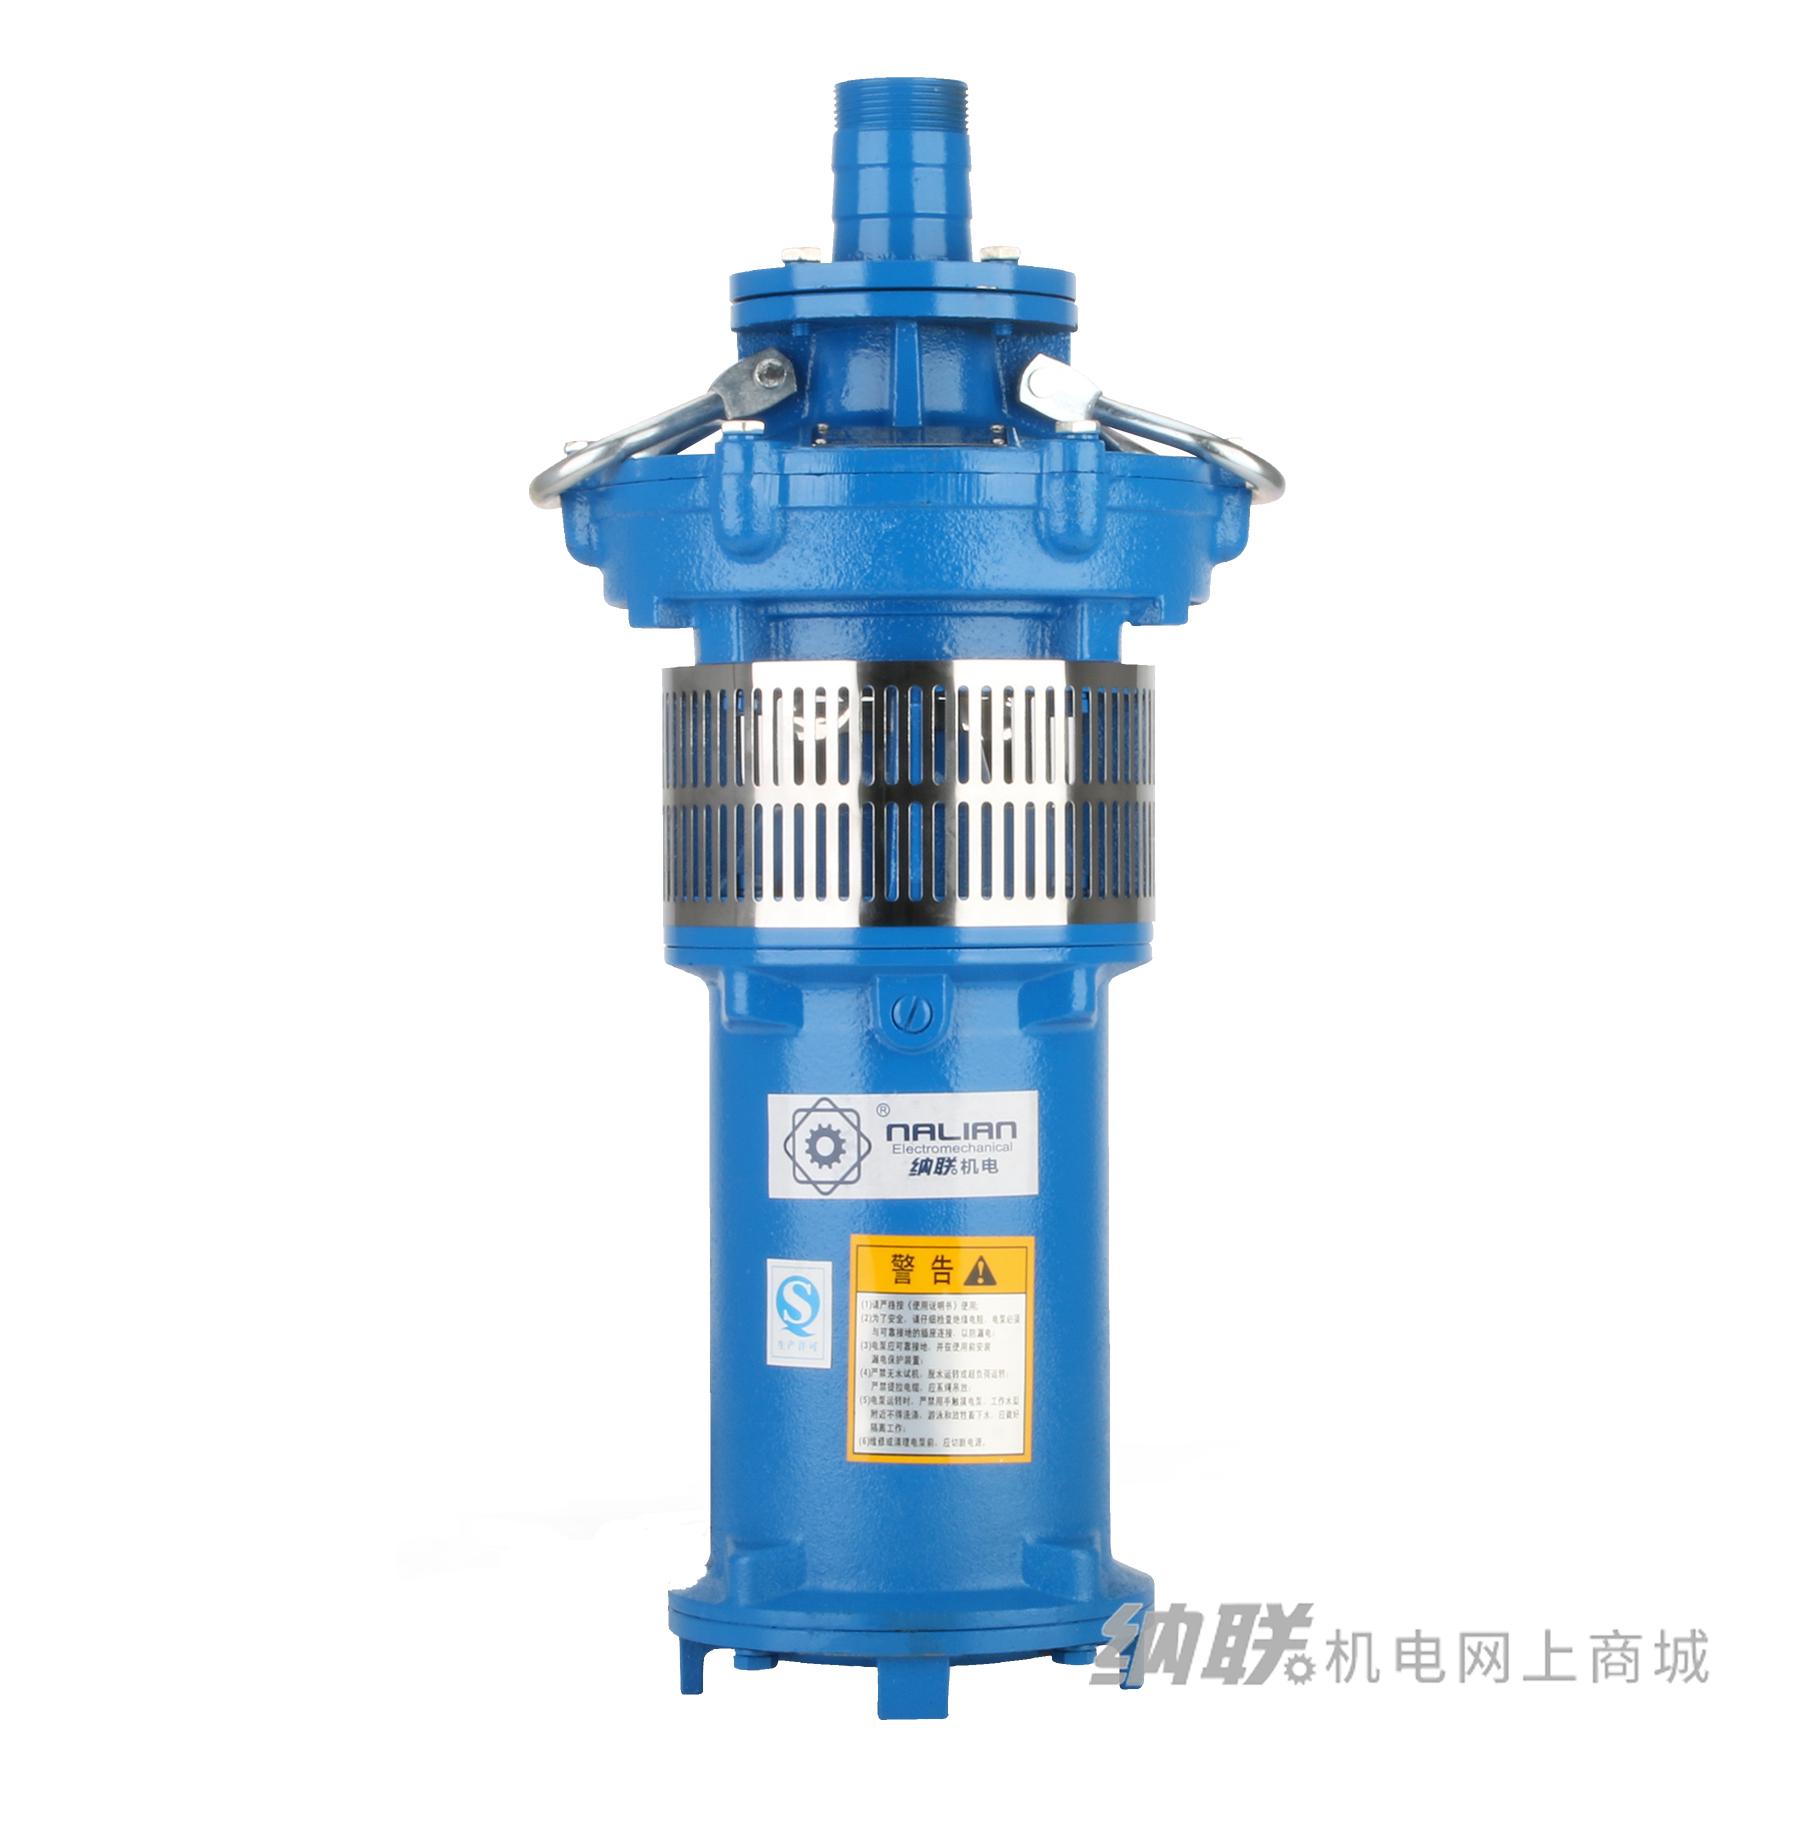 纳联机电 油浸泵-65QY25-26-3三铜